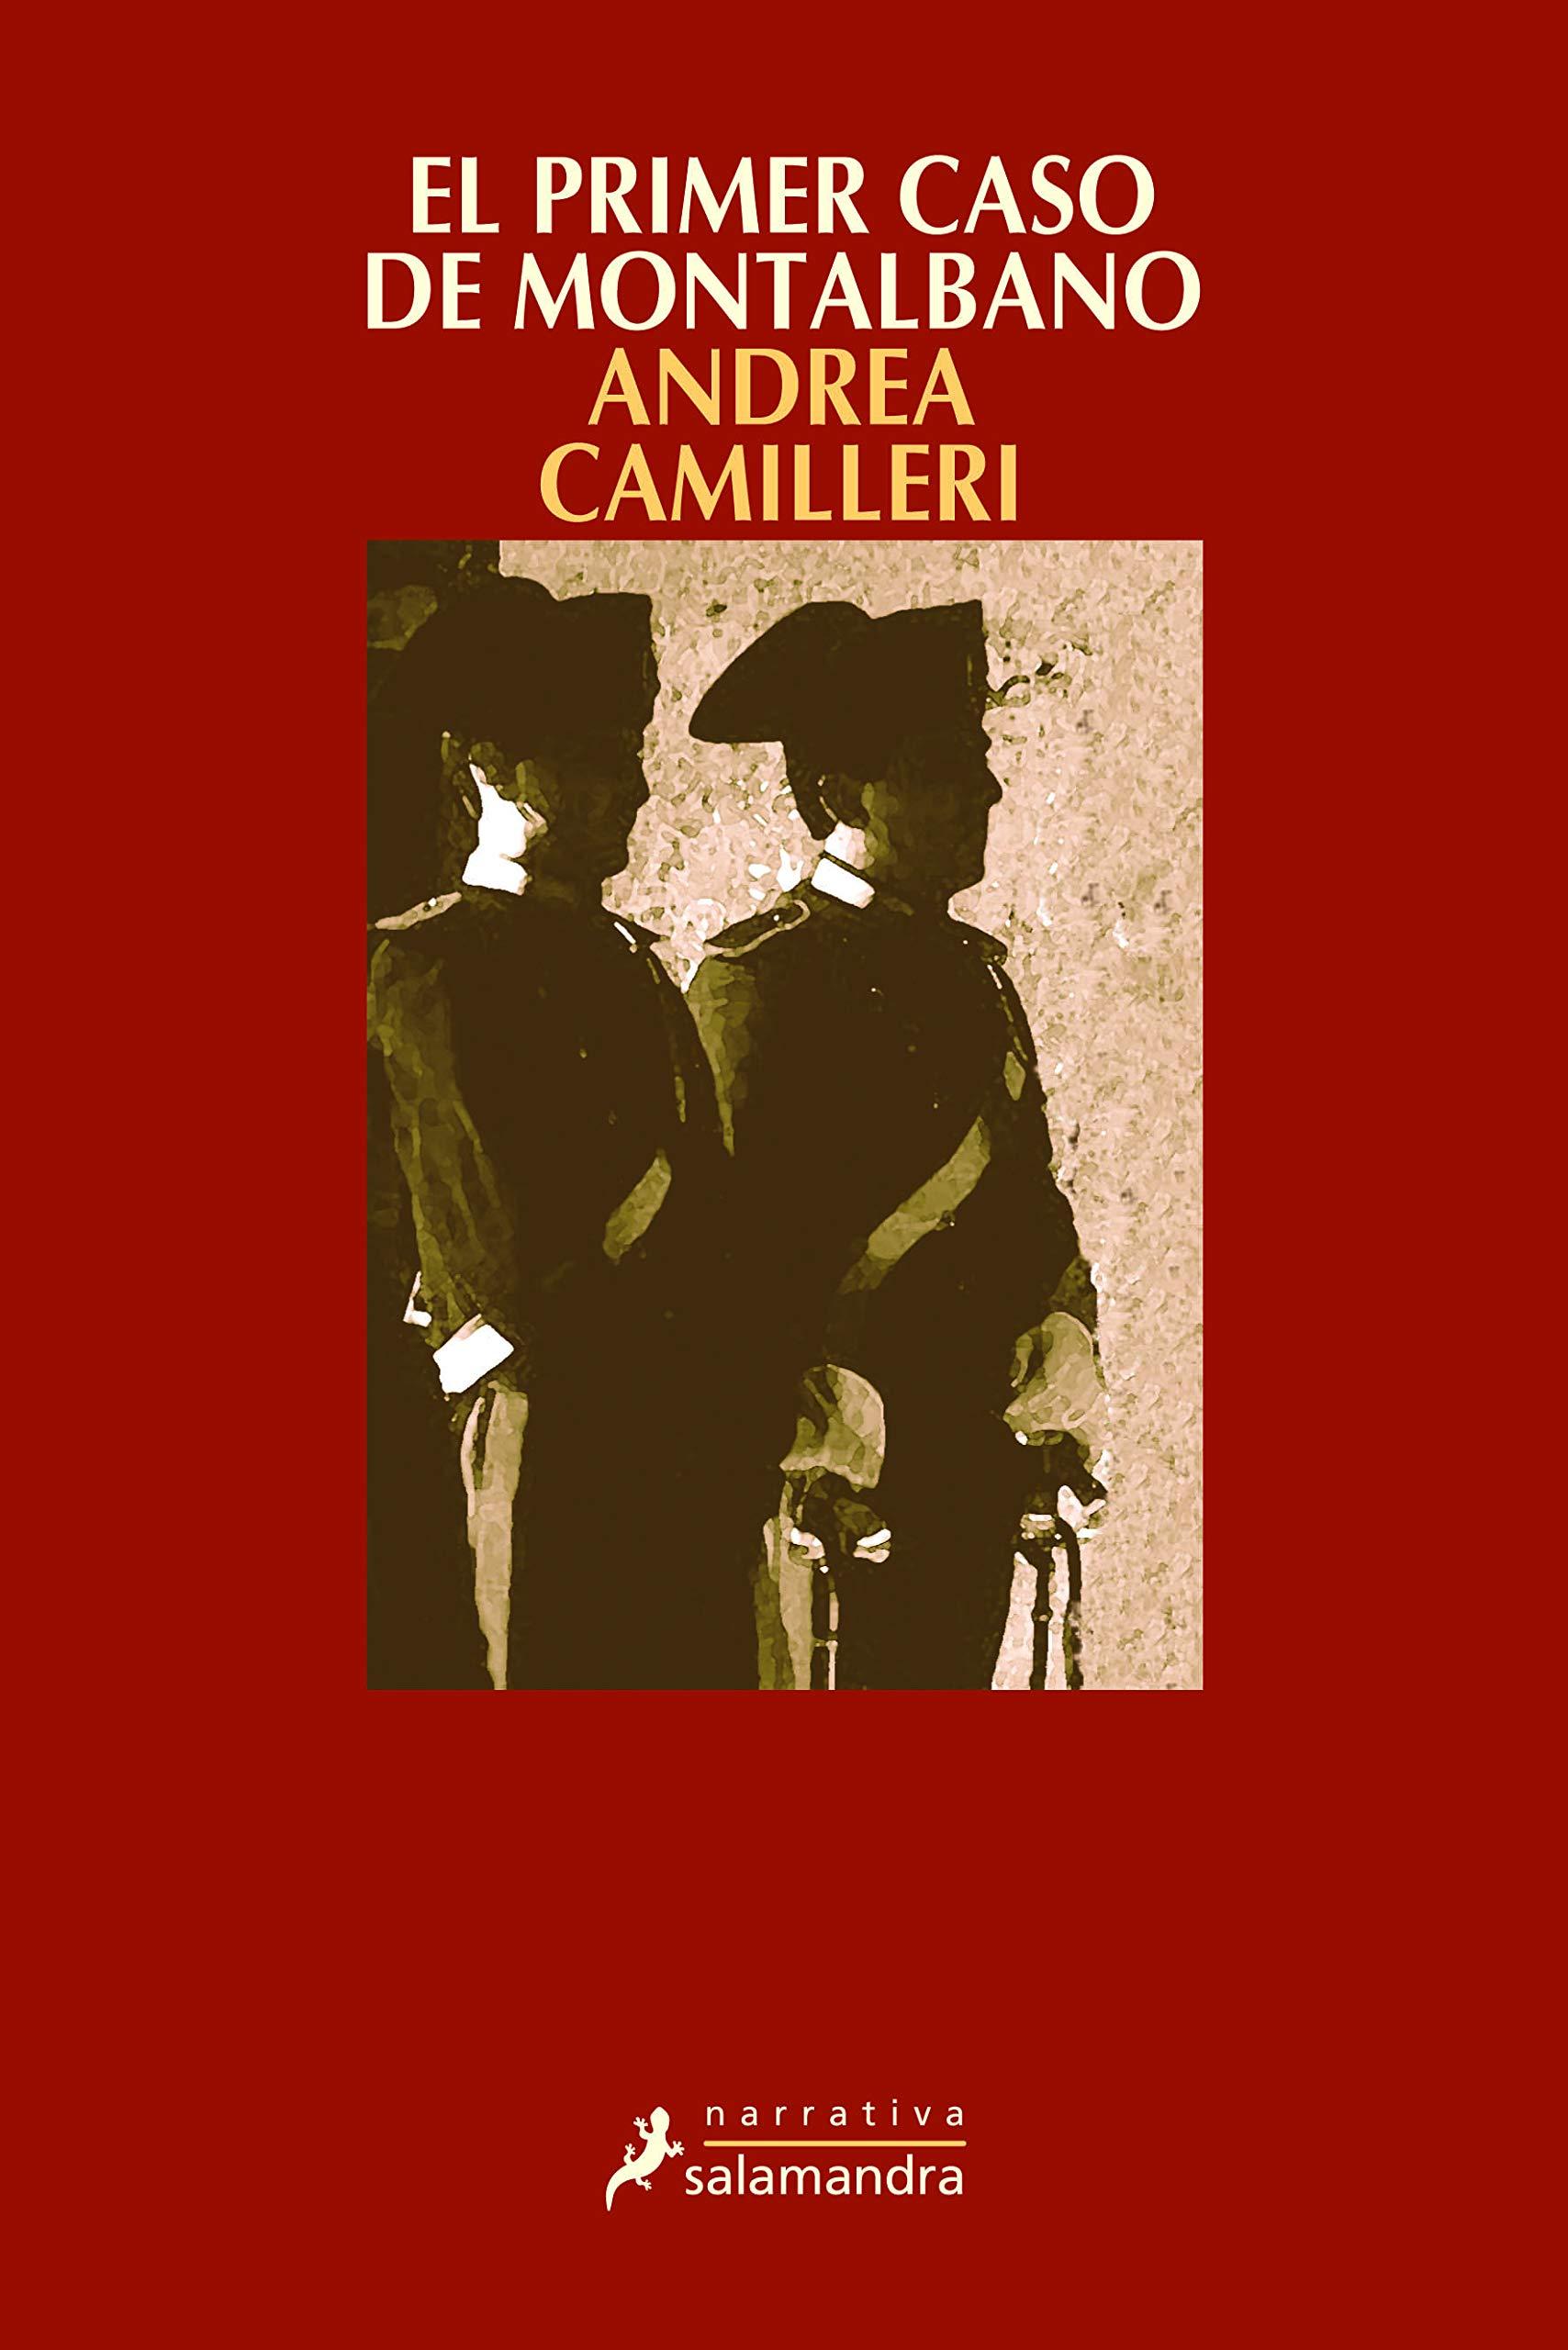 El primer caso de Montalbano: Montalbano - Libro 11 Narrativa: Amazon.es:  Andrea Camilleri: Libros